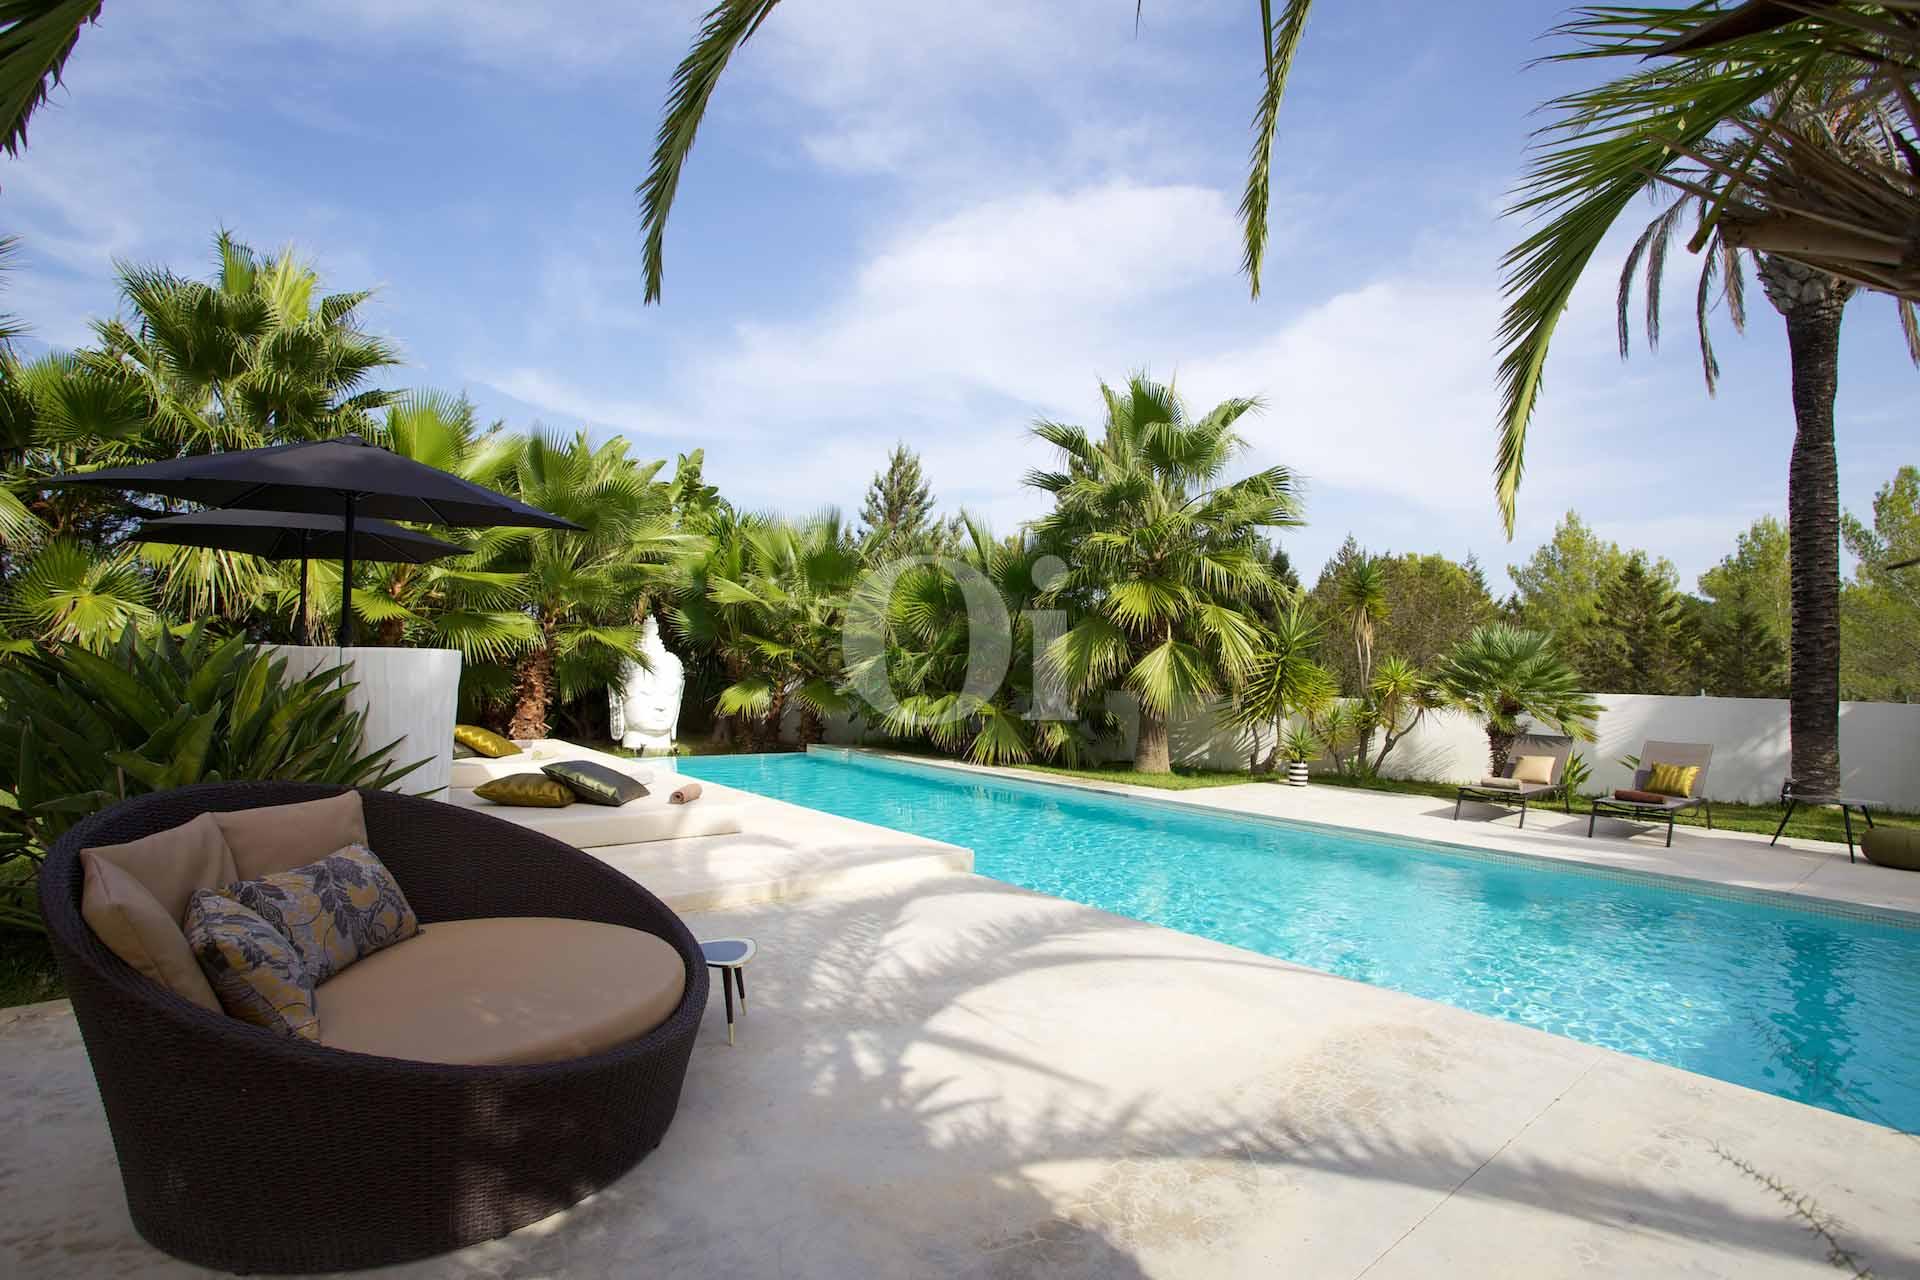 Jardín exterior con la piscina